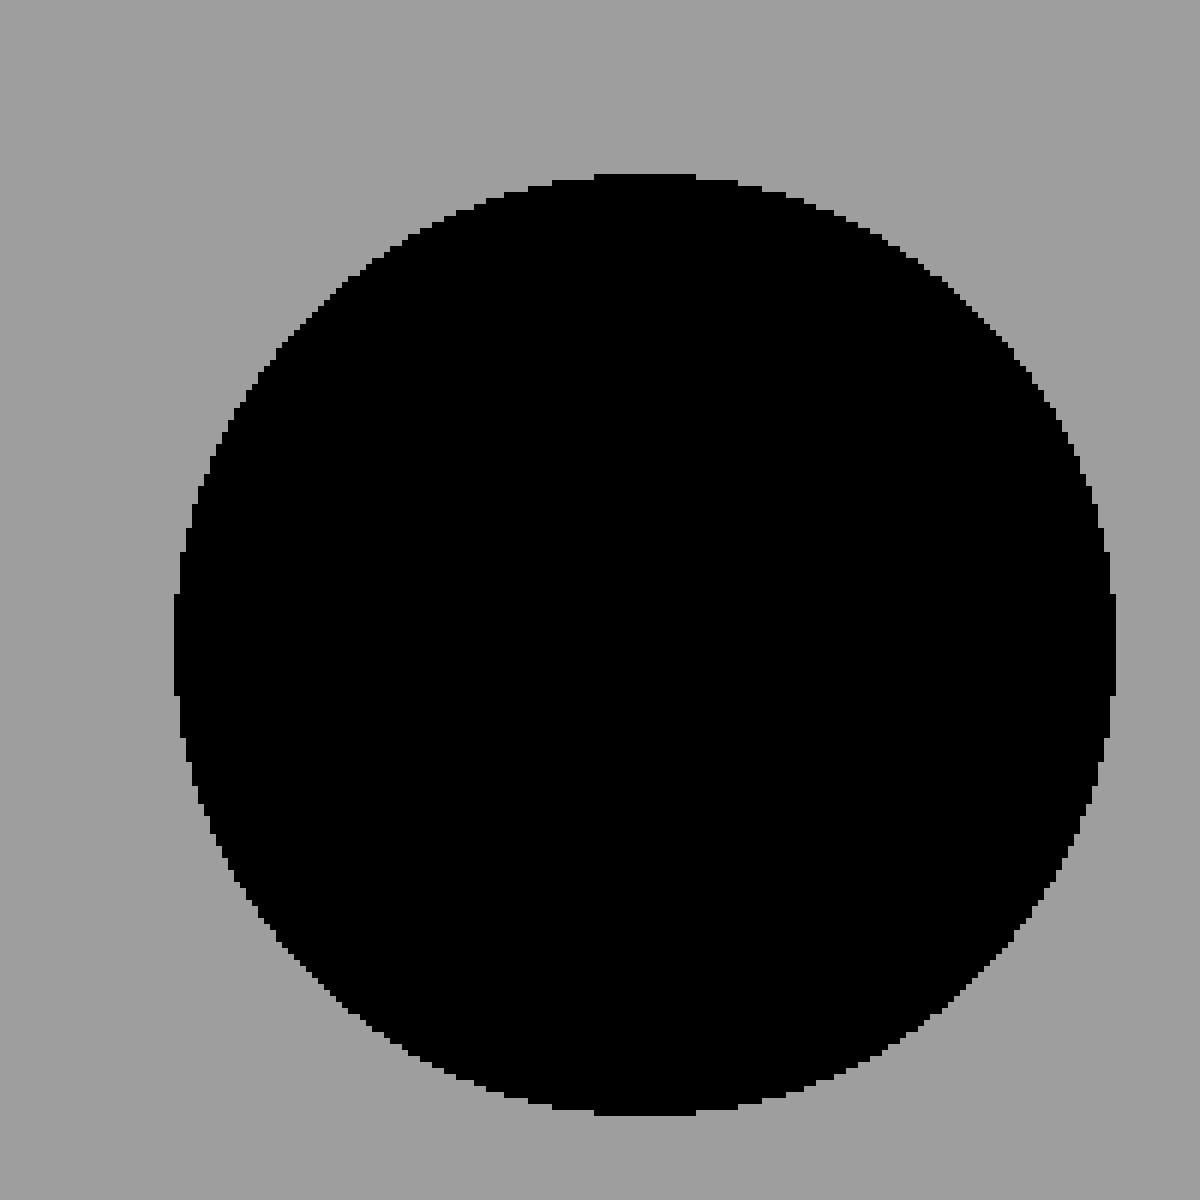 A CIRCLE by Pixel1842